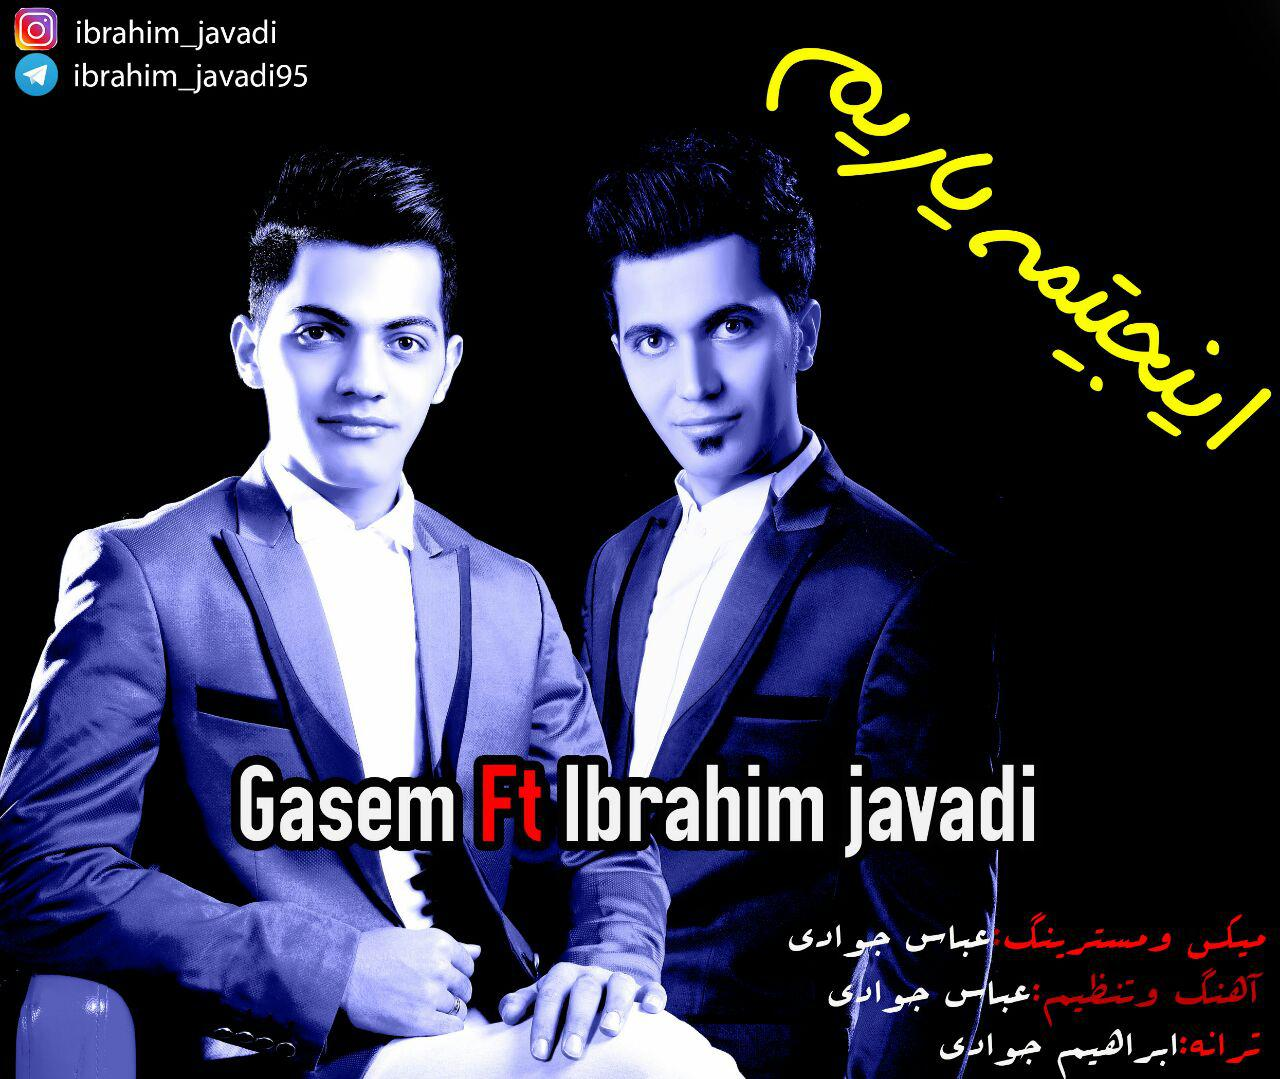 http://s3.picofile.com/file/8284972842/10Ghasem_Ft_Ibrahim_Javadi_Injitme_Yarim.jpg